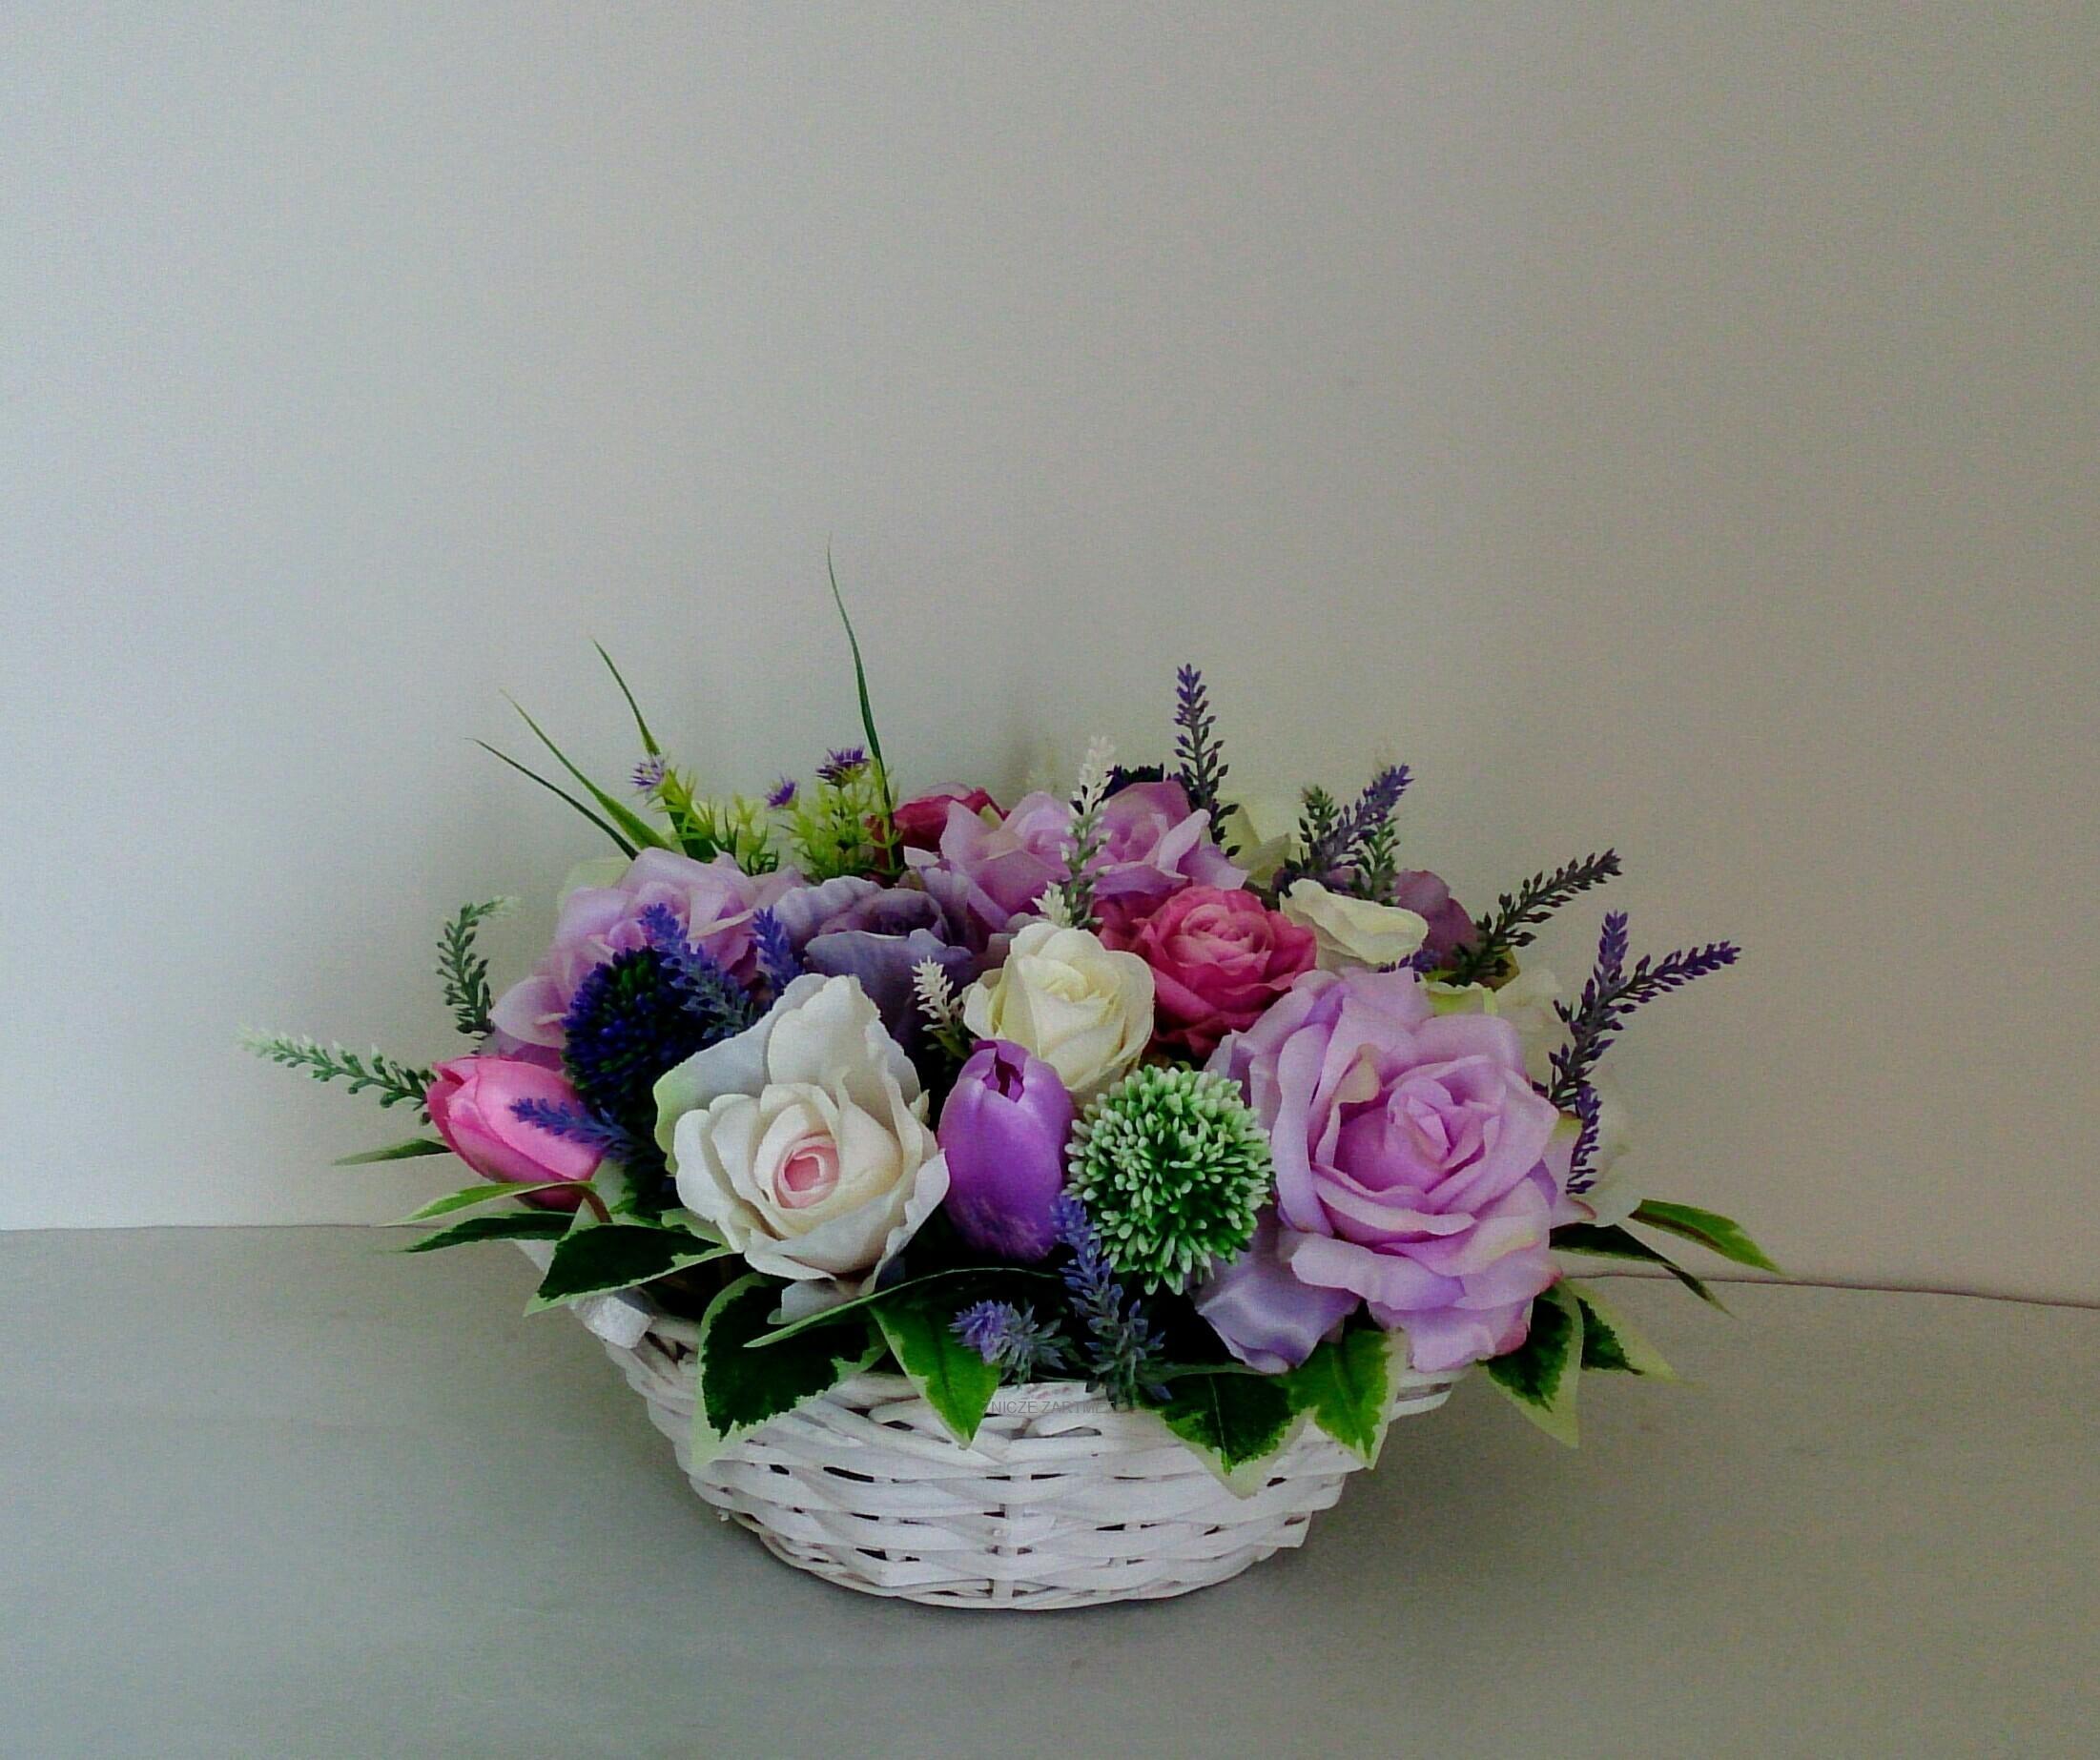 Stroik Na Stół Komodę Dekoracja Domu Koszyk Wikllinowy Tulipany Róże Dzień Matki Ojca Babci Prezent